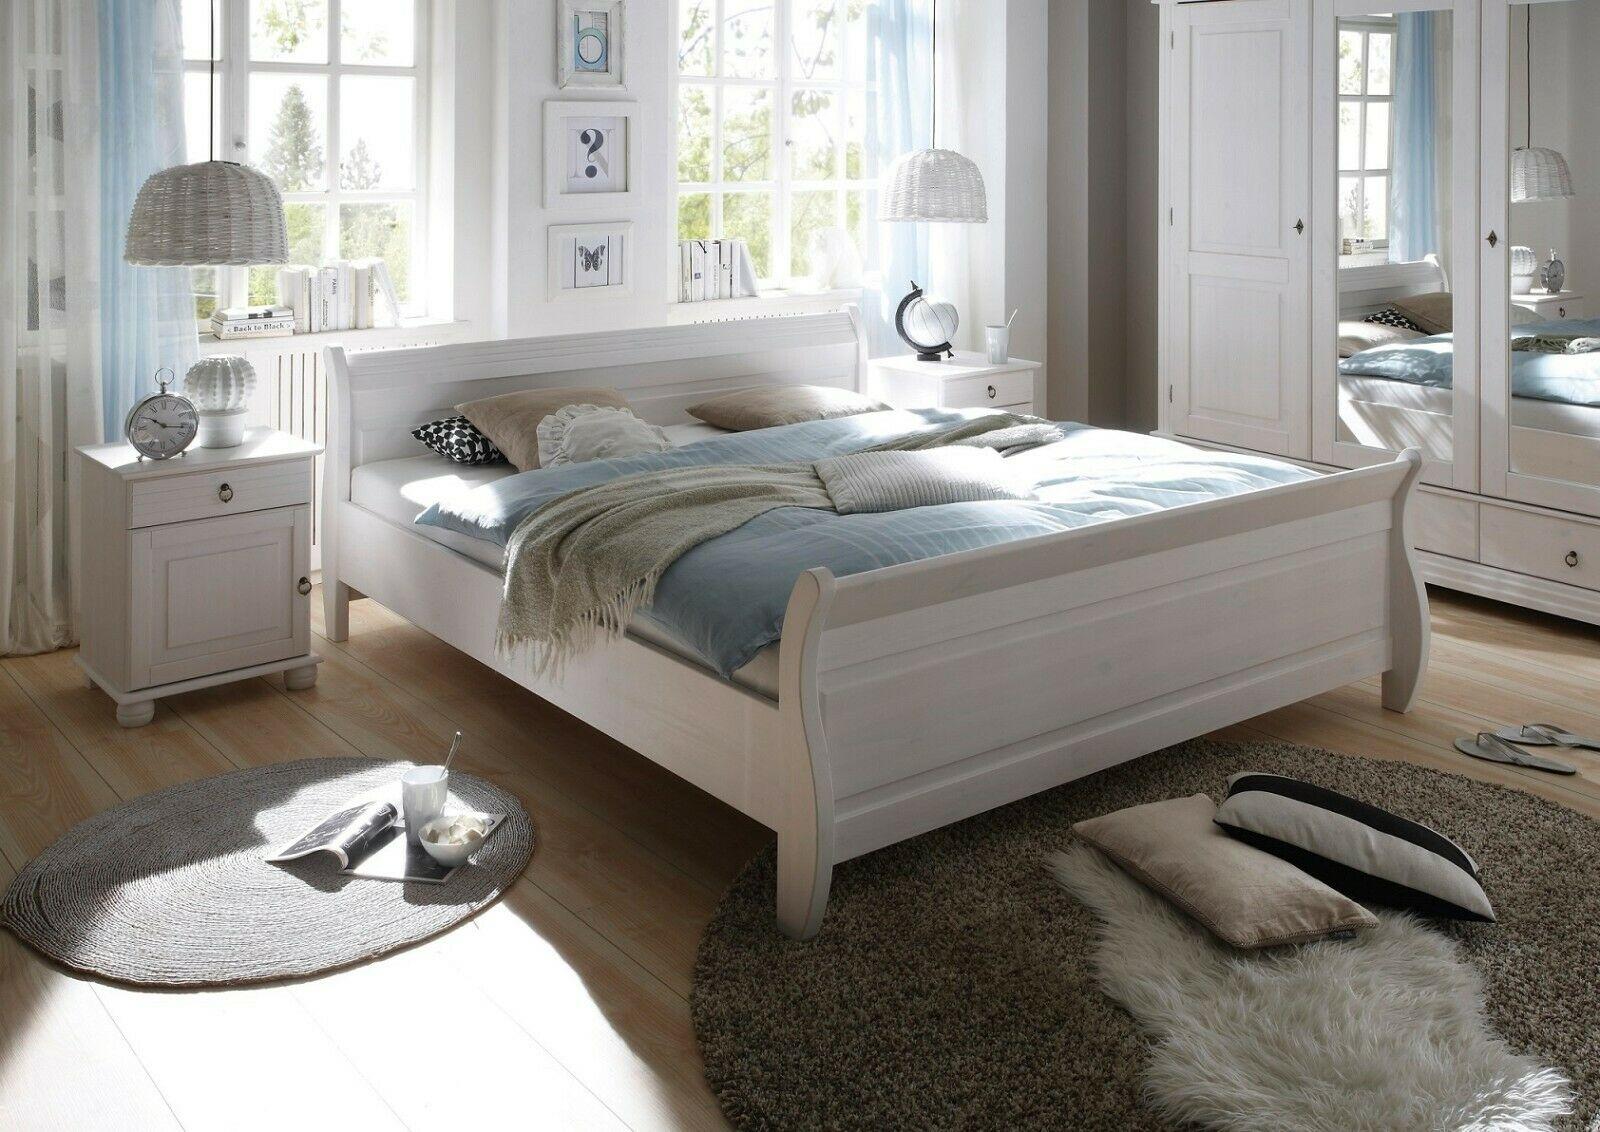 Schlafzimmer-Set Kiefer massivholz weiß Doppelbett 180x200 cm 2 x  Nachttische - yatego.com